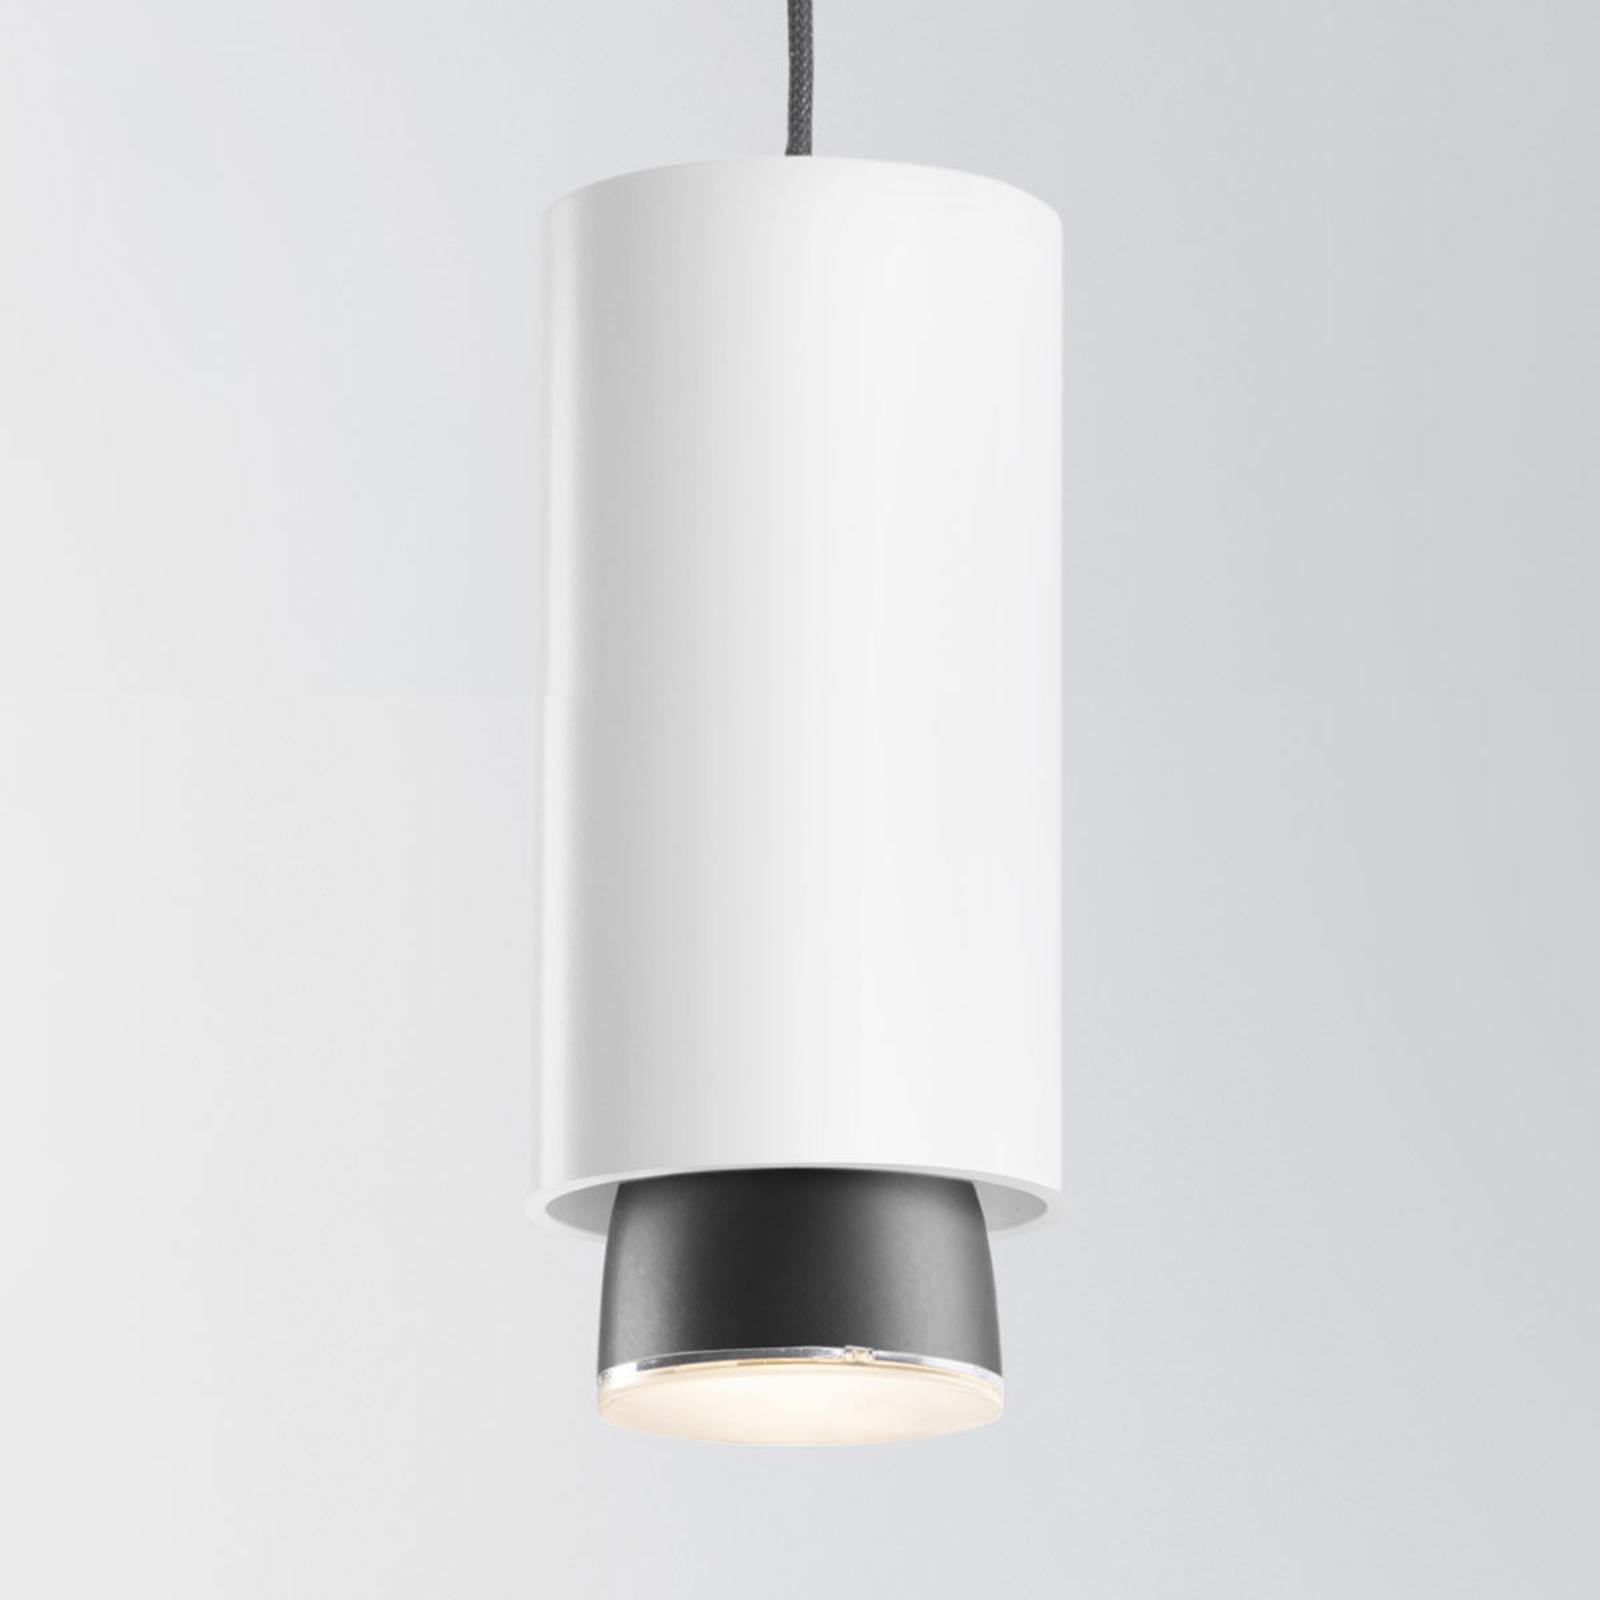 Fabbian Claque LED-Hängeleuchte 20 cm weiß